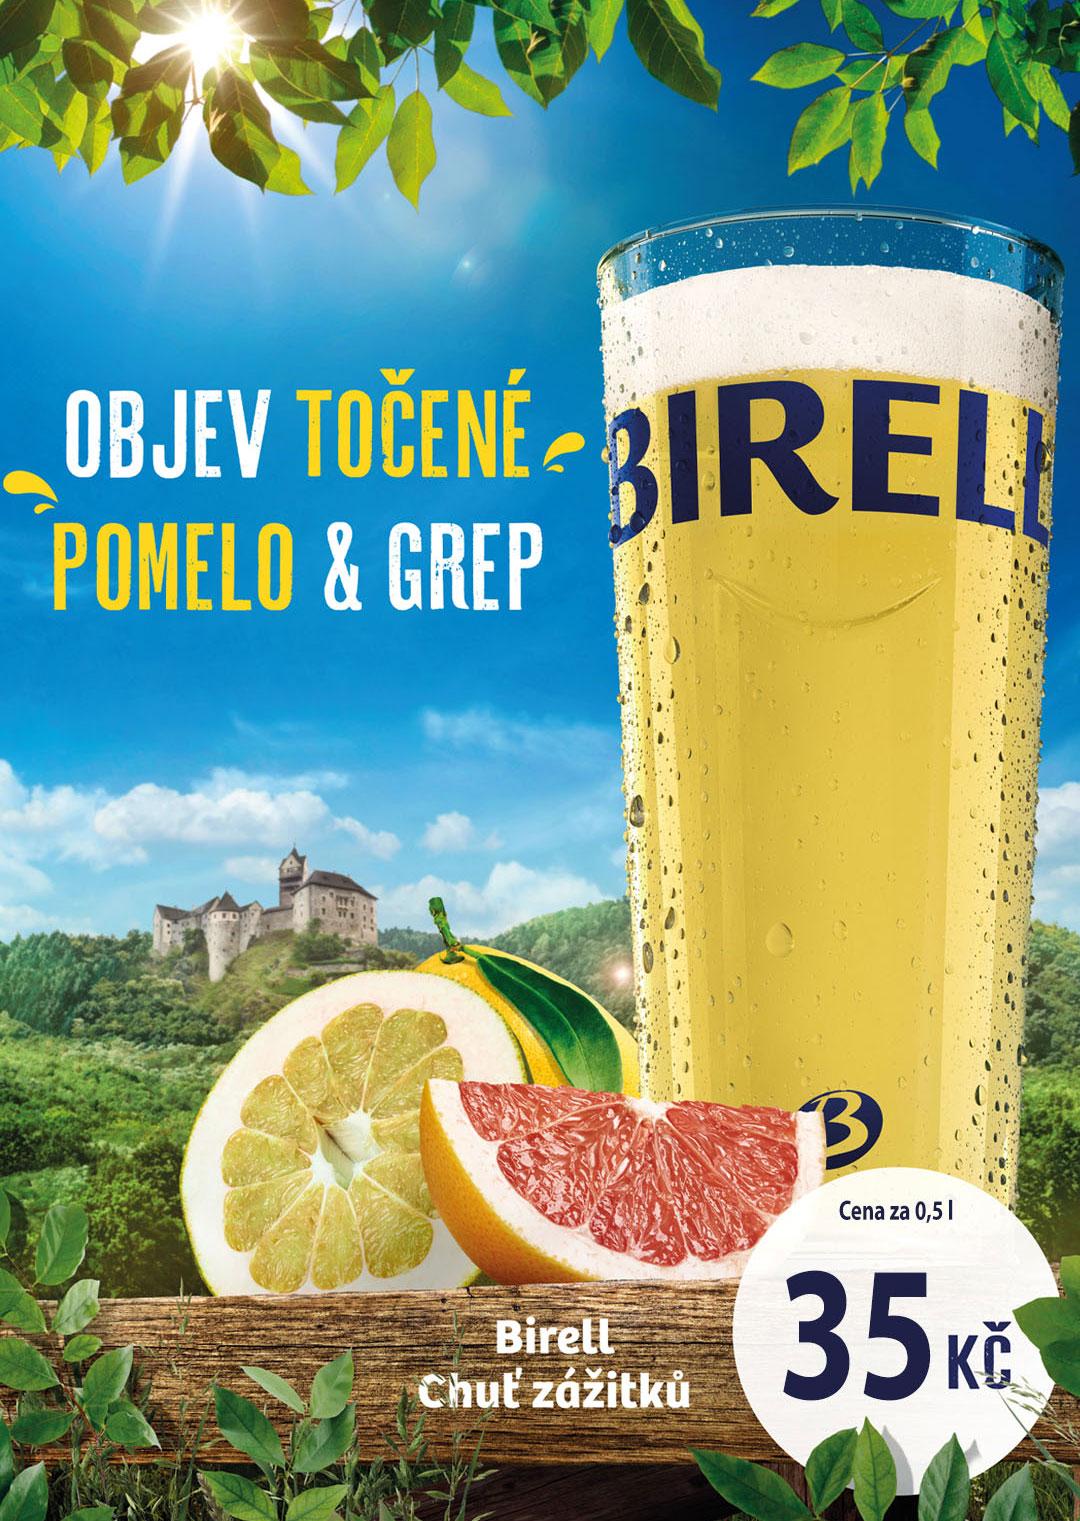 2019-07-24-birell-pomelo-web